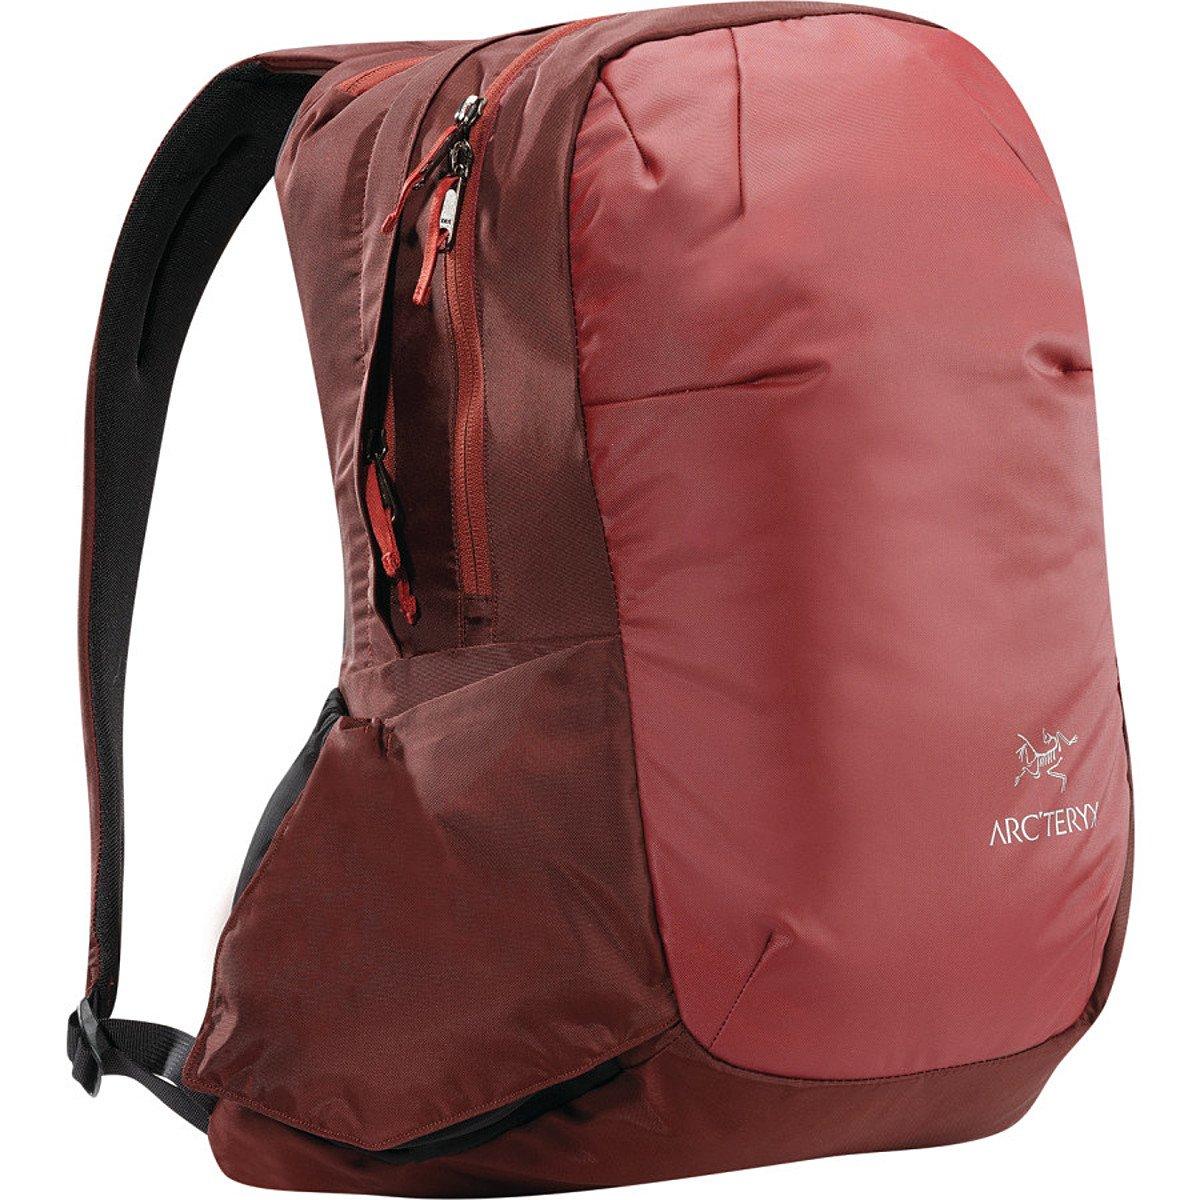 ARC`TERYX(アークテリクス) コルドヴァ バックパック Cordova Backpack 14-15FW 14602  Buckeye B00KQW77Y4